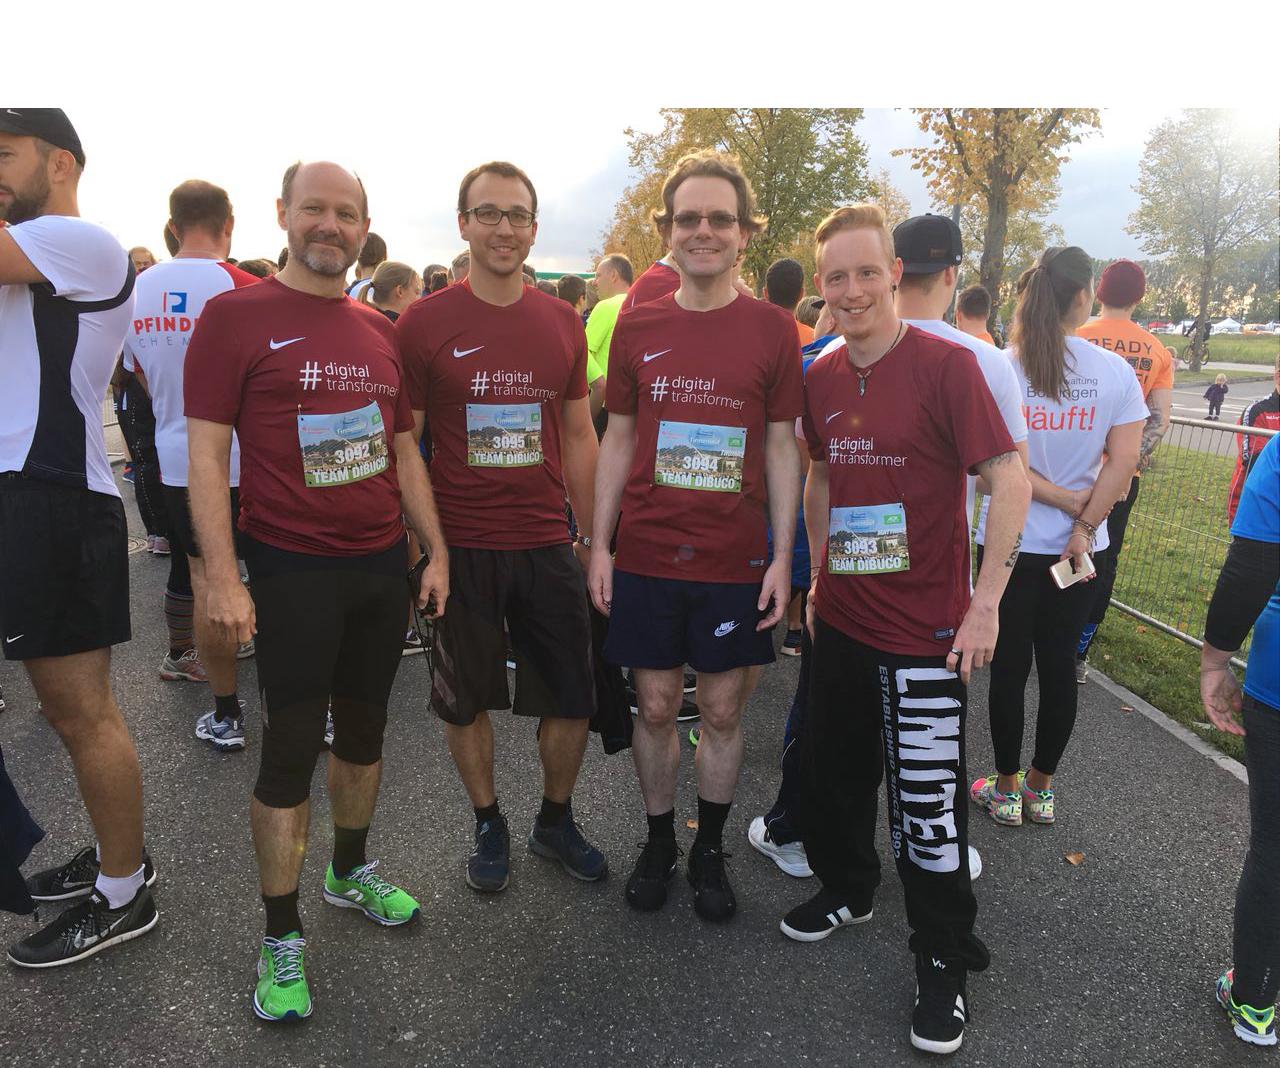 Starke Teamleistung: dibuco startete beim Flugfeld Firmenlauf in Böblingen 2017